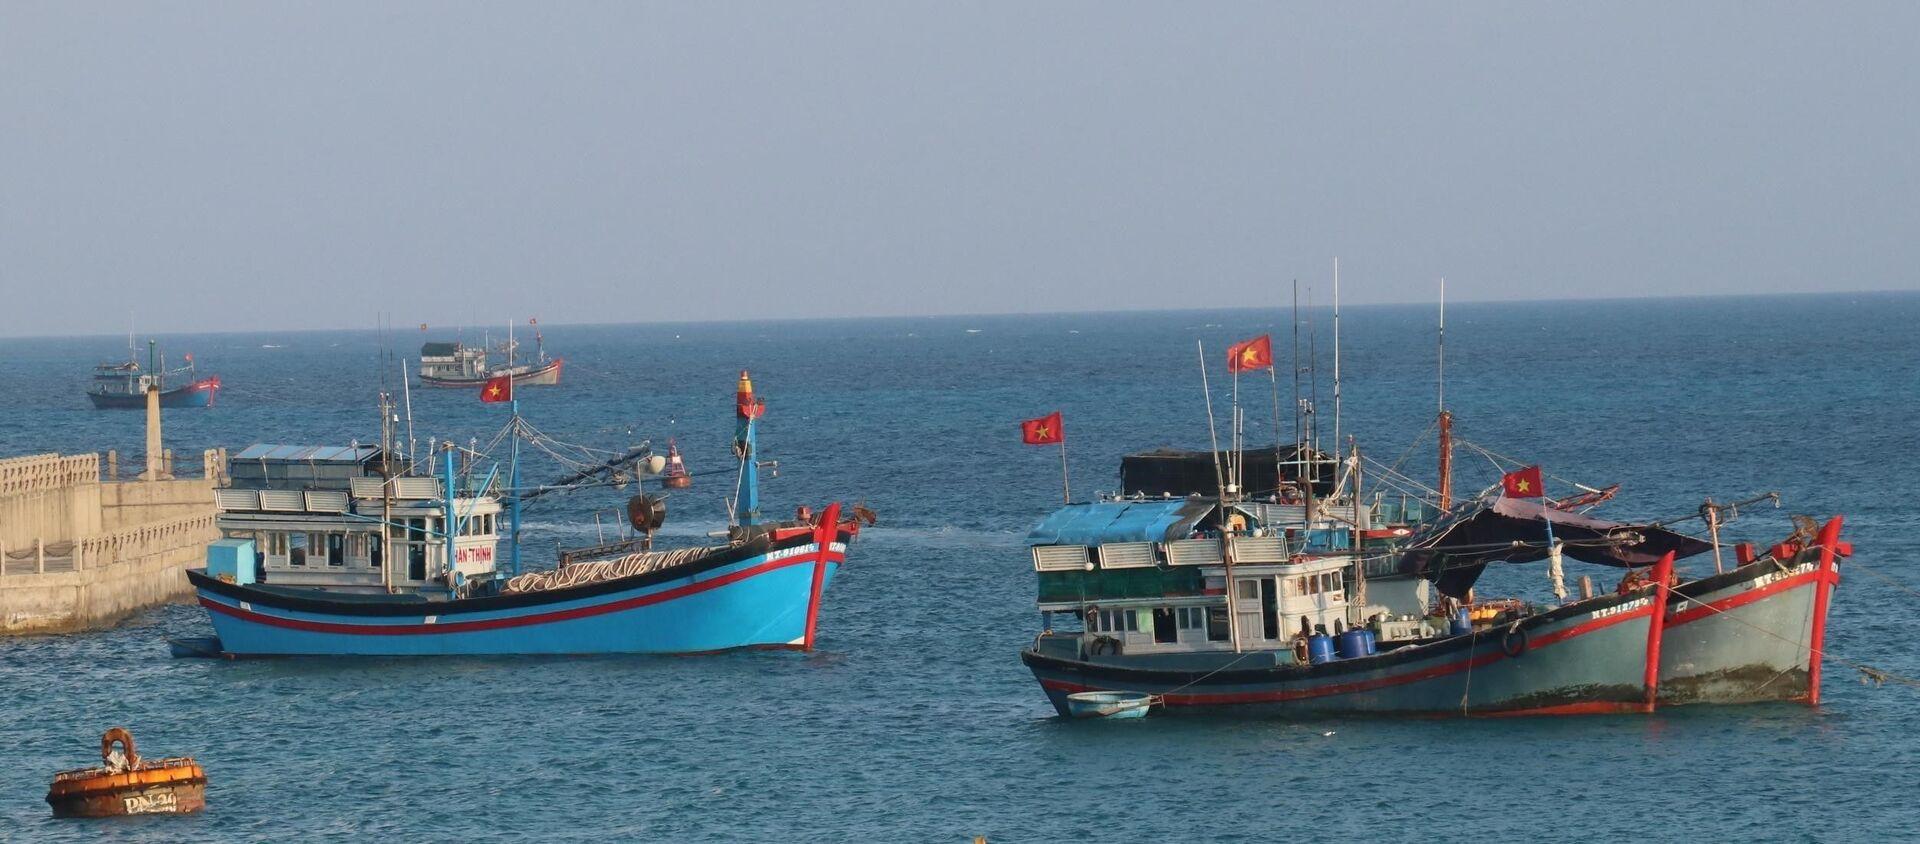 Cờ Tổ quốc tung bay phấp phới trên nóc tàu đánh cá của ngư dân Việt Nam neo đậu tại đảo Đá Tây A (quần đảo Trường Sa). - Sputnik Việt Nam, 1920, 10.06.2021